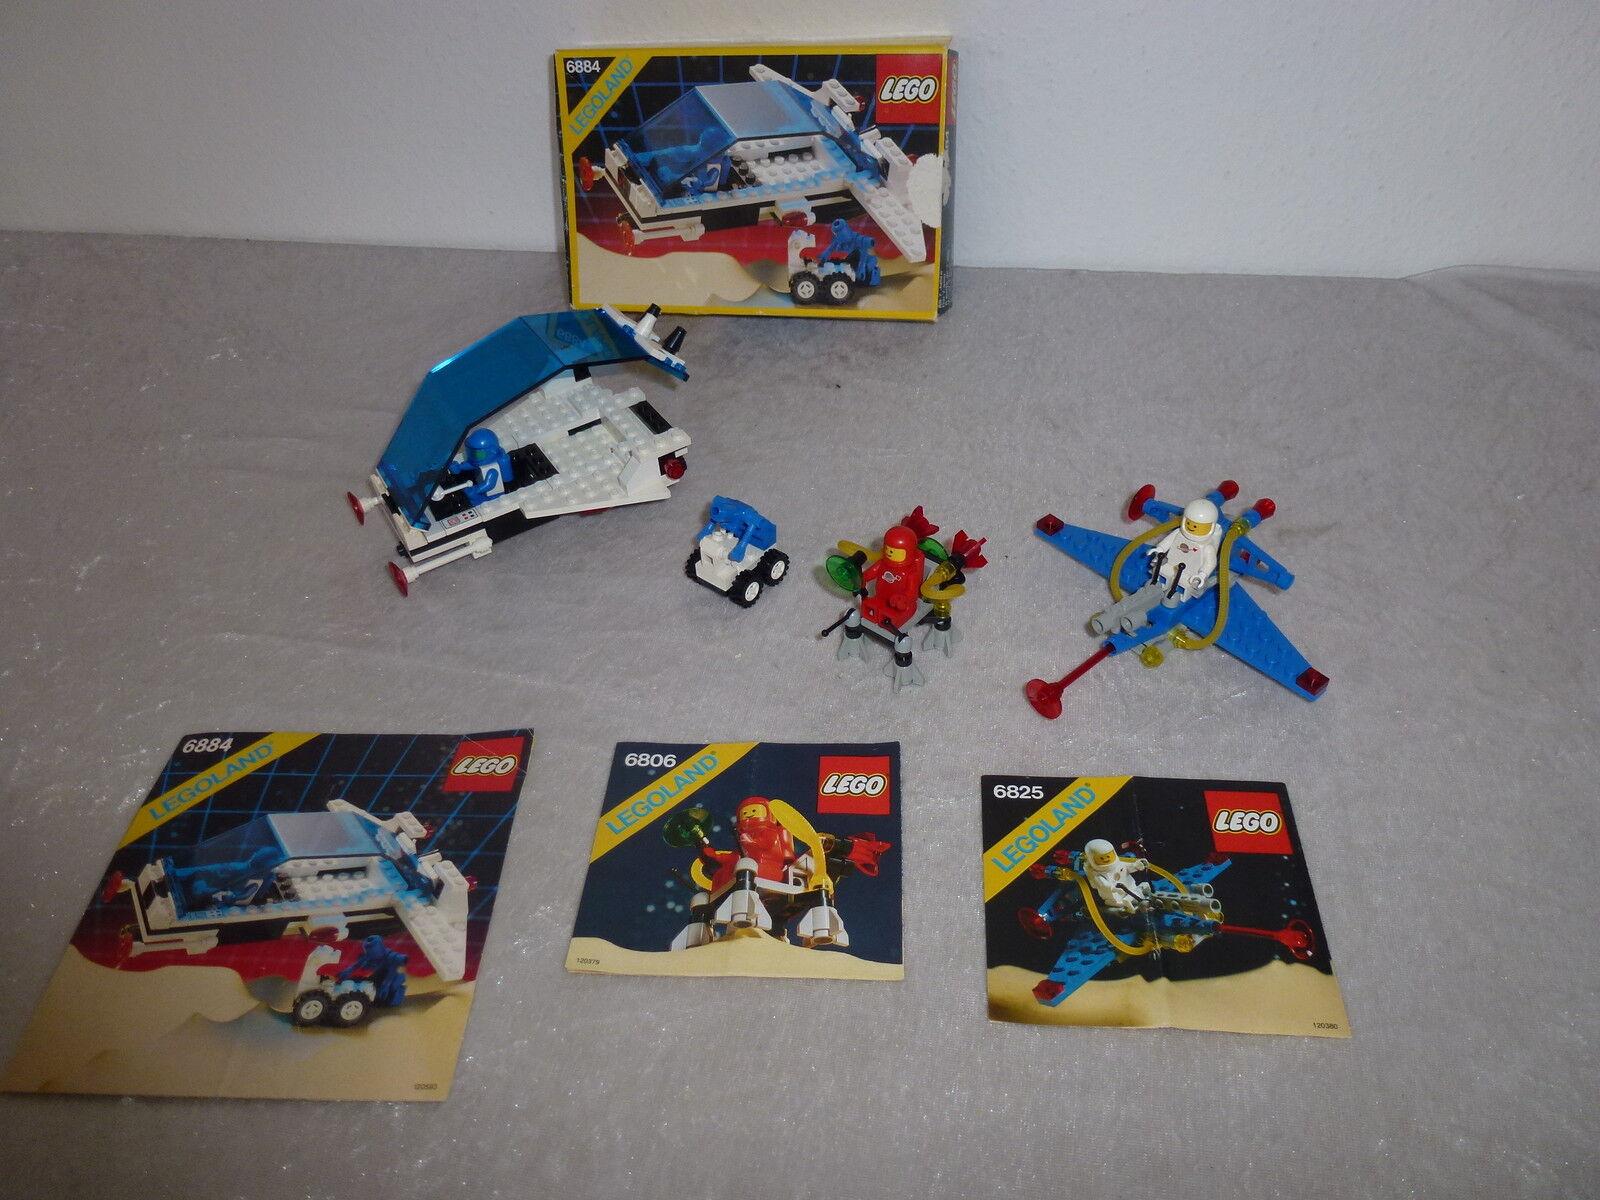 LEGO 6884+6825+6806+ OVP + OBA  rarità * del 1985/87